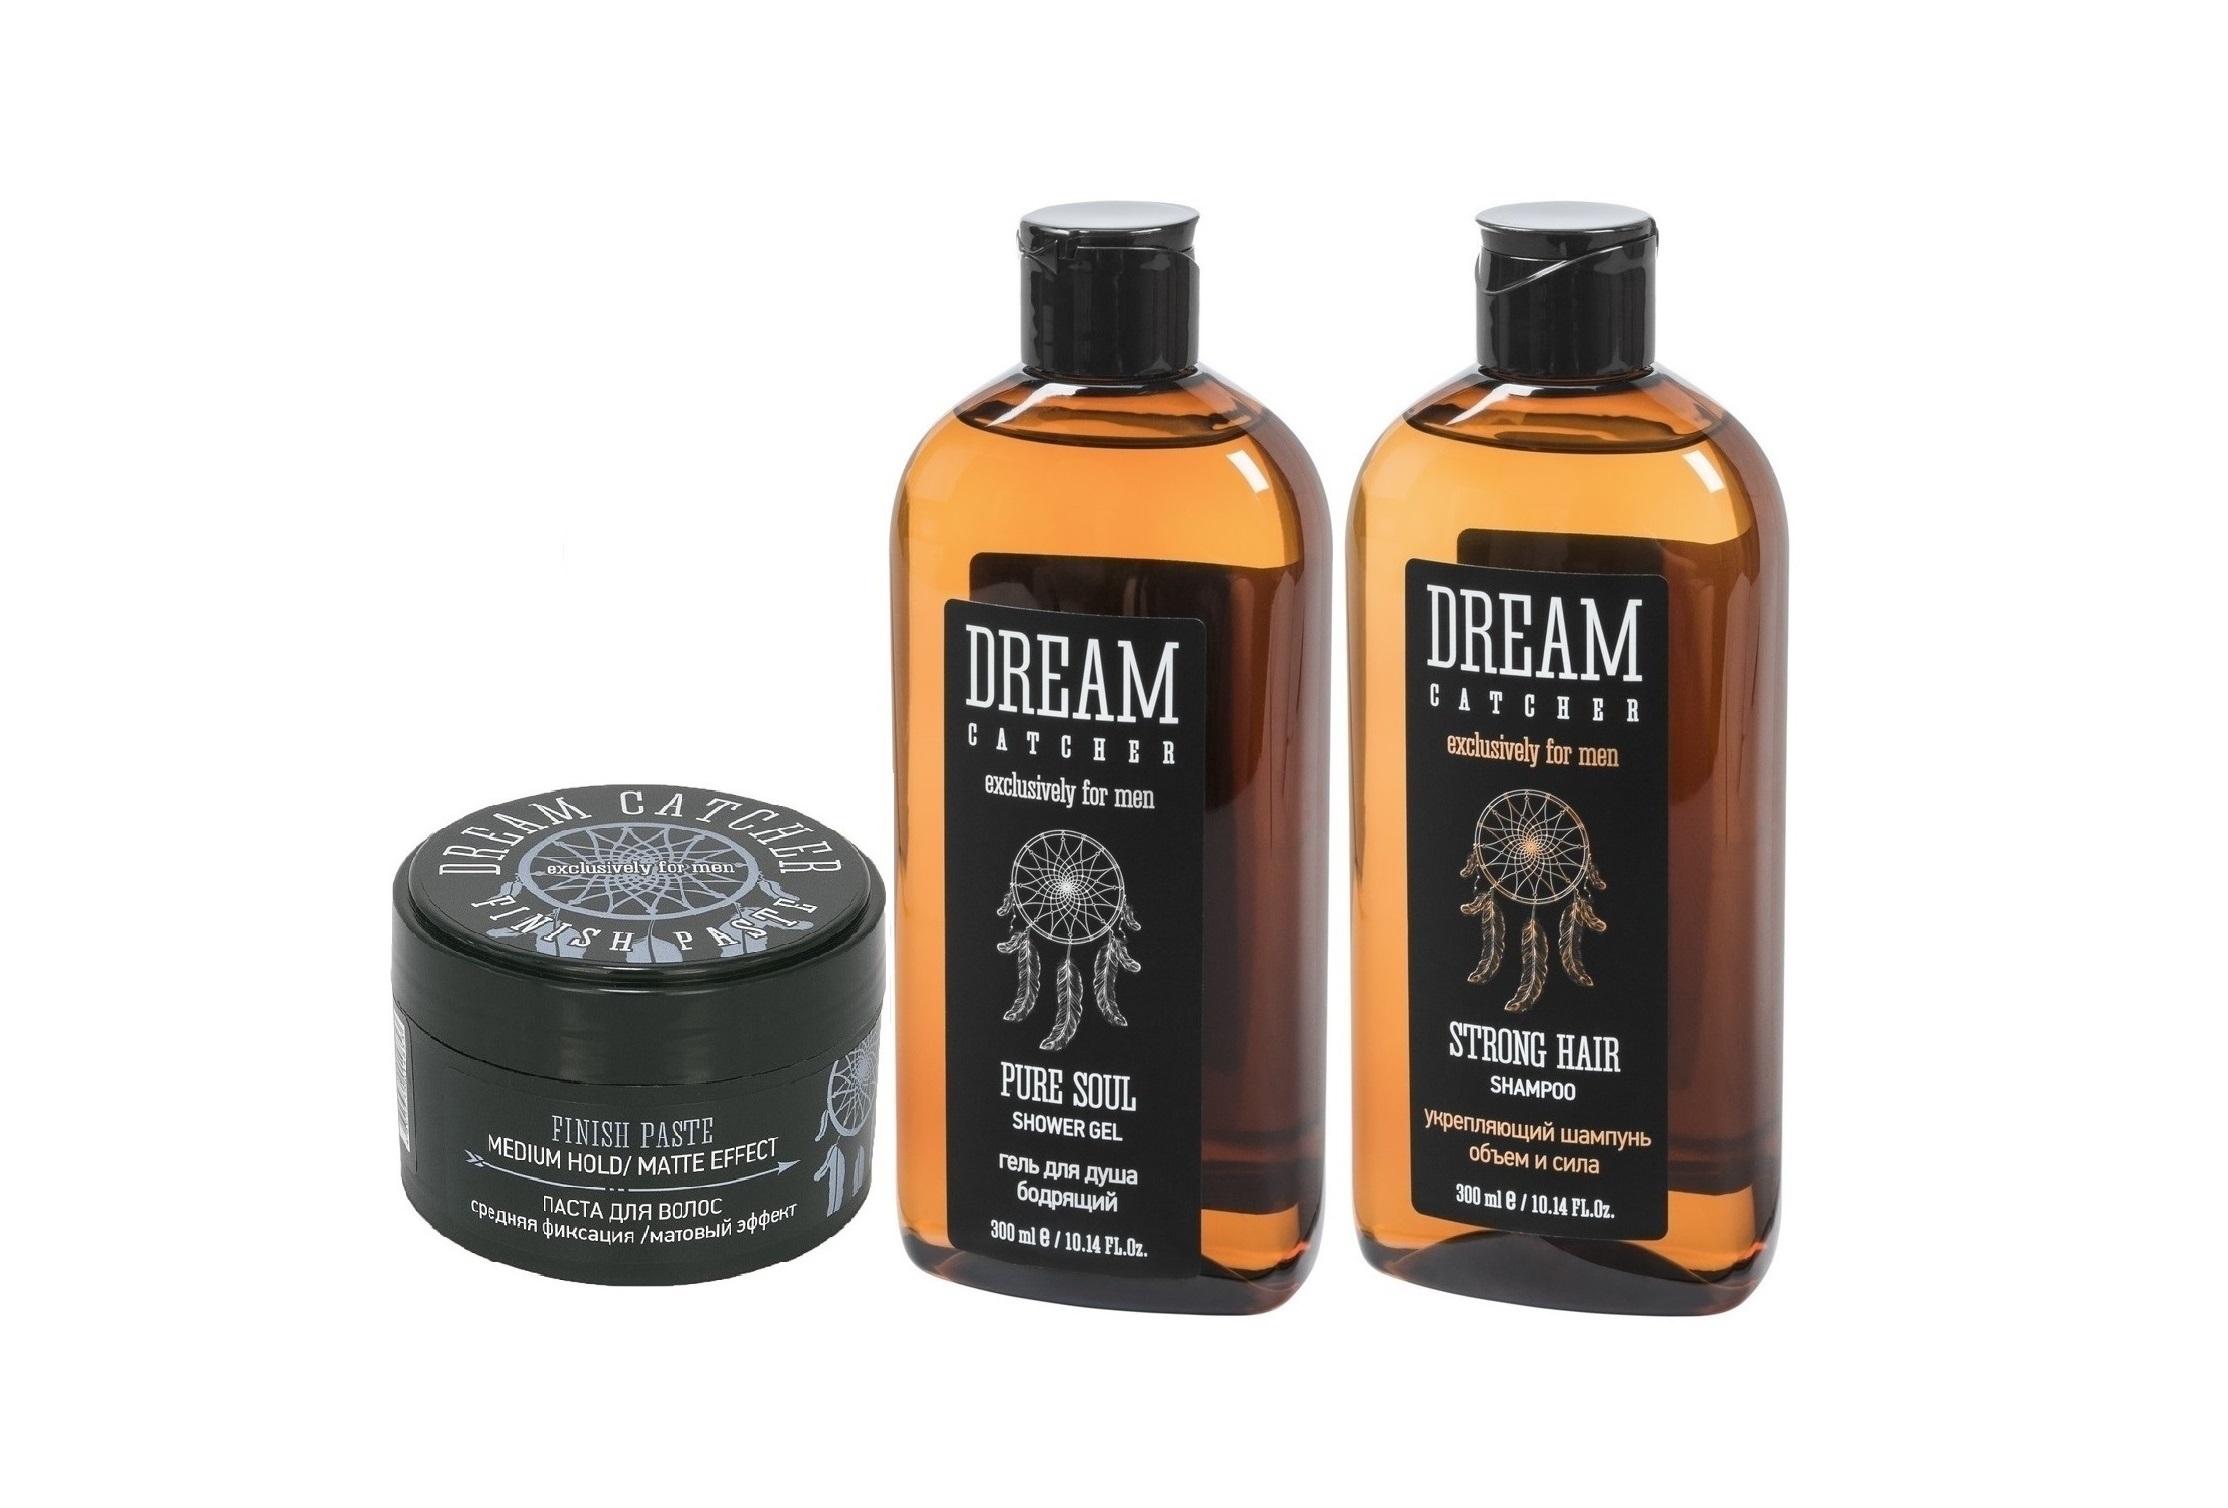 DREAM CATCHER Набор подарочный №1 для мужчин (укрепляющий шампунь 300 мл, гель для душа 300 мл, паста для волос 100 мл) DREAM CATCHER